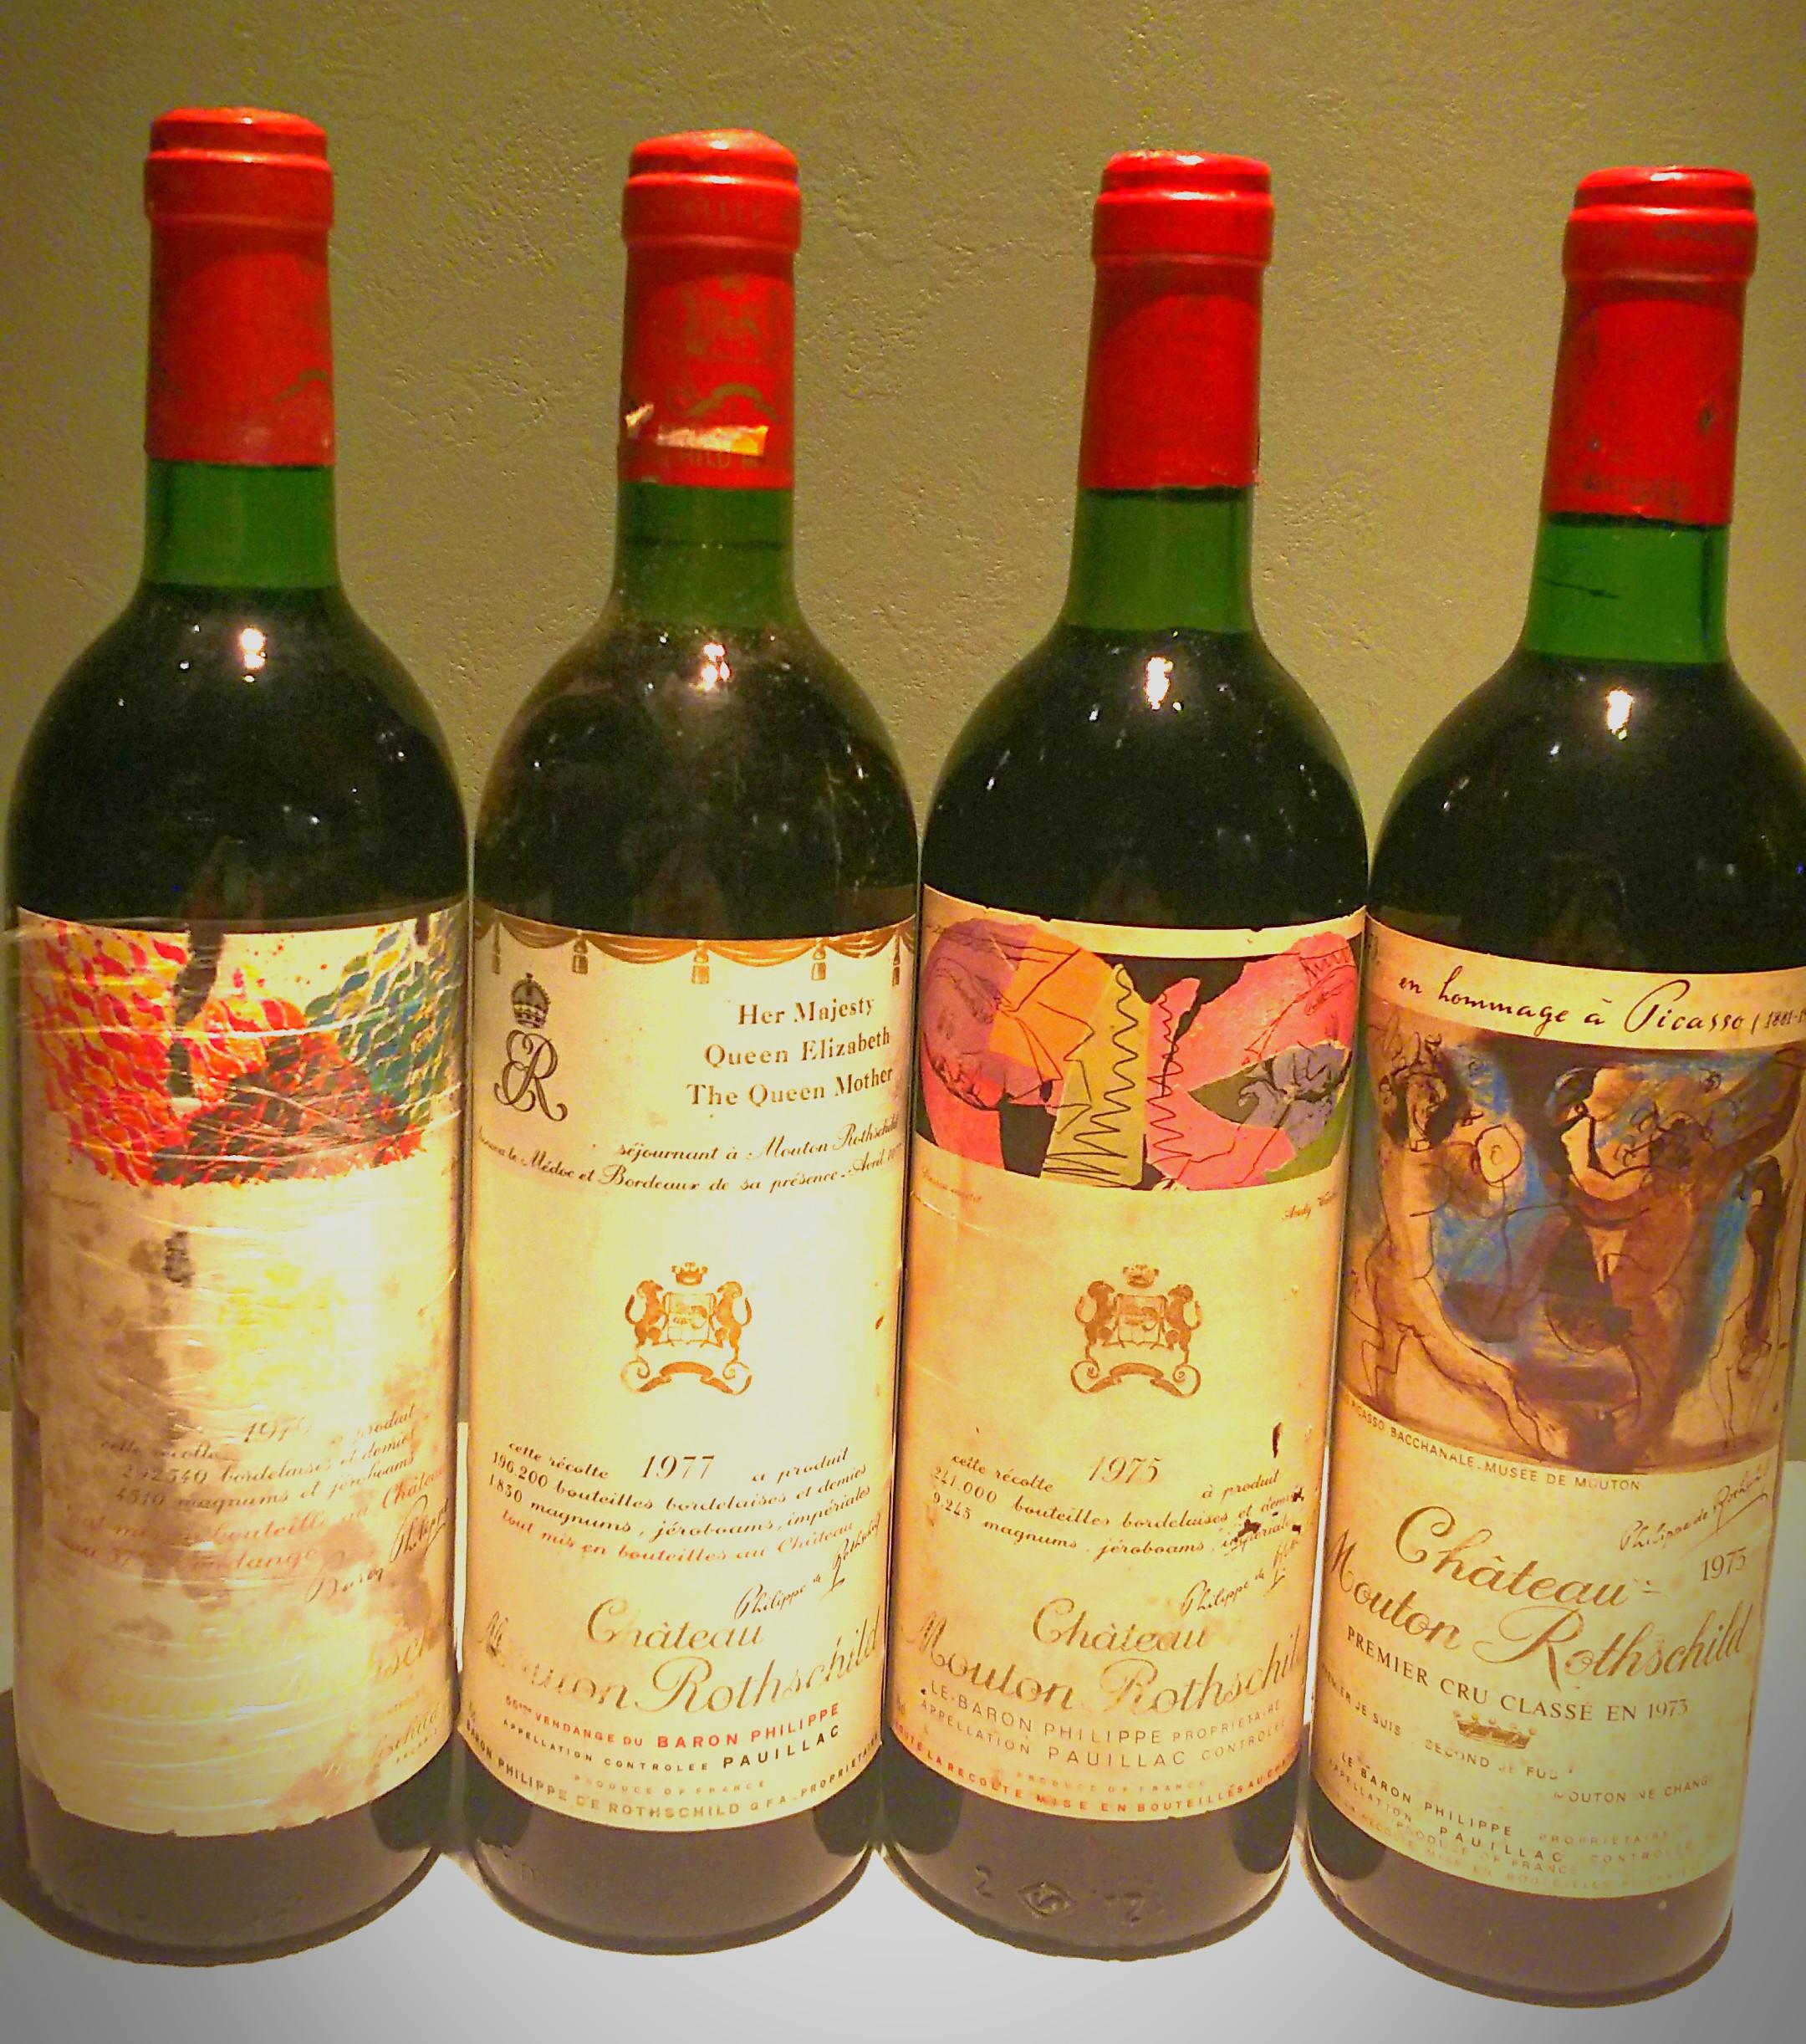 http://encens.silk.to/winelist/uplaod/%E3%83%A0%E3%83%BC%E3%83%88%E3%83%B3%E3%83%AD%E3%83%BC%E3%83%88%E3%82%B7%E3%83%AB%E3%83%88.jpg